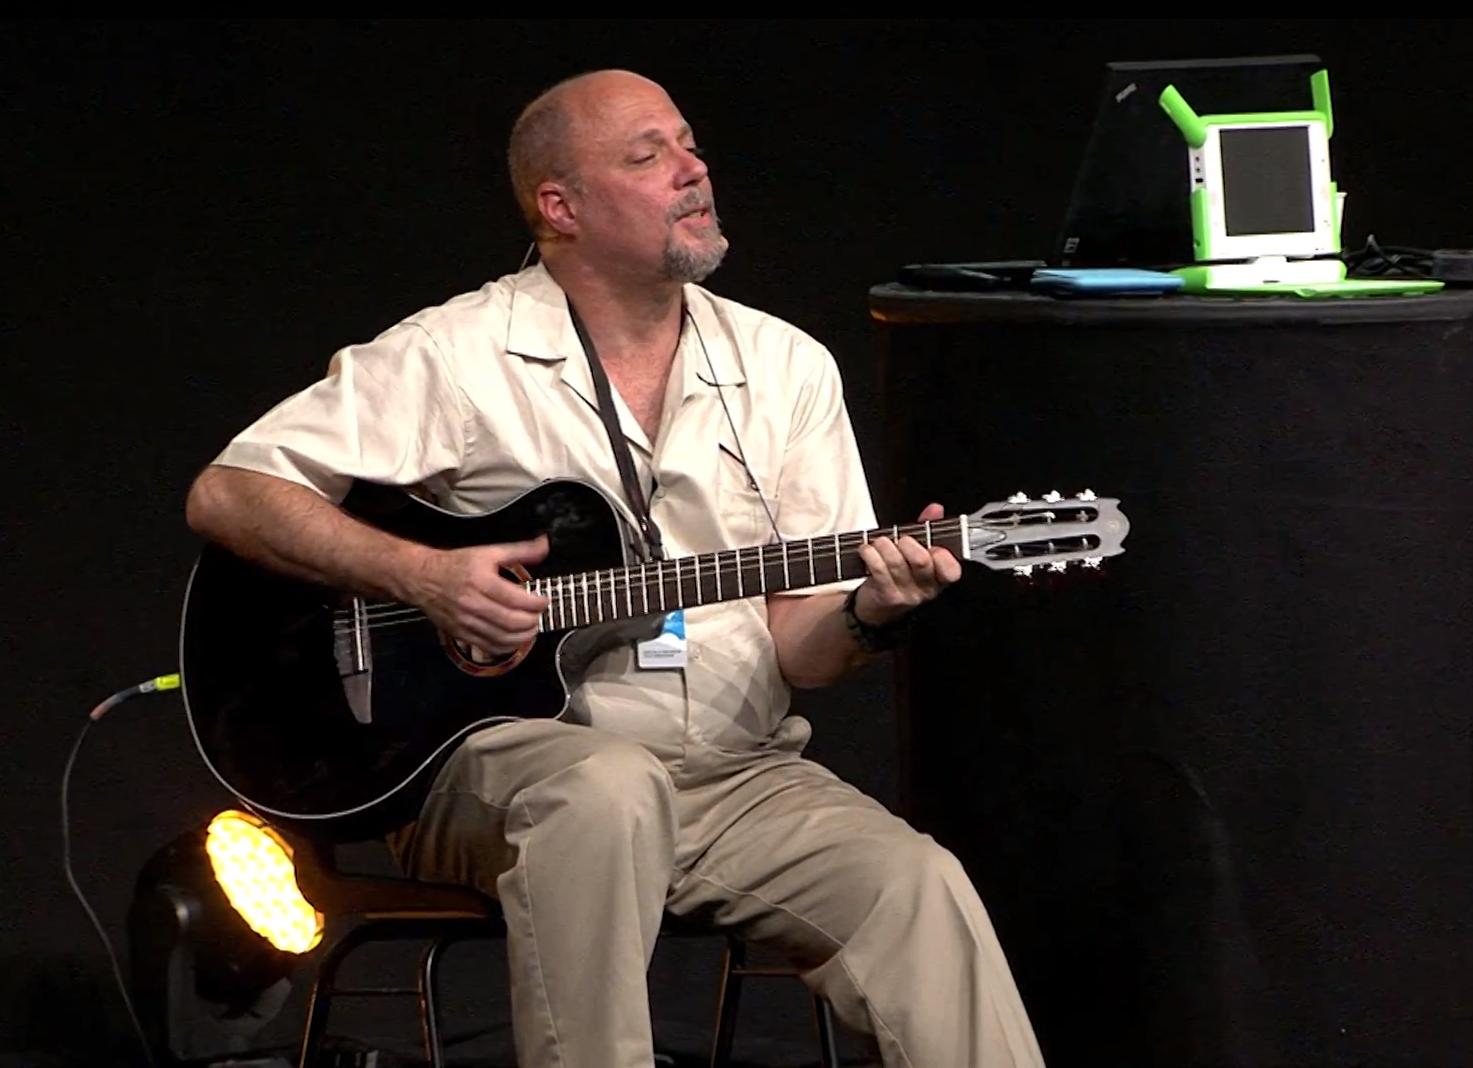 """Dave<em>on</em>the_guitar"""" /></a><br /> <a href="""